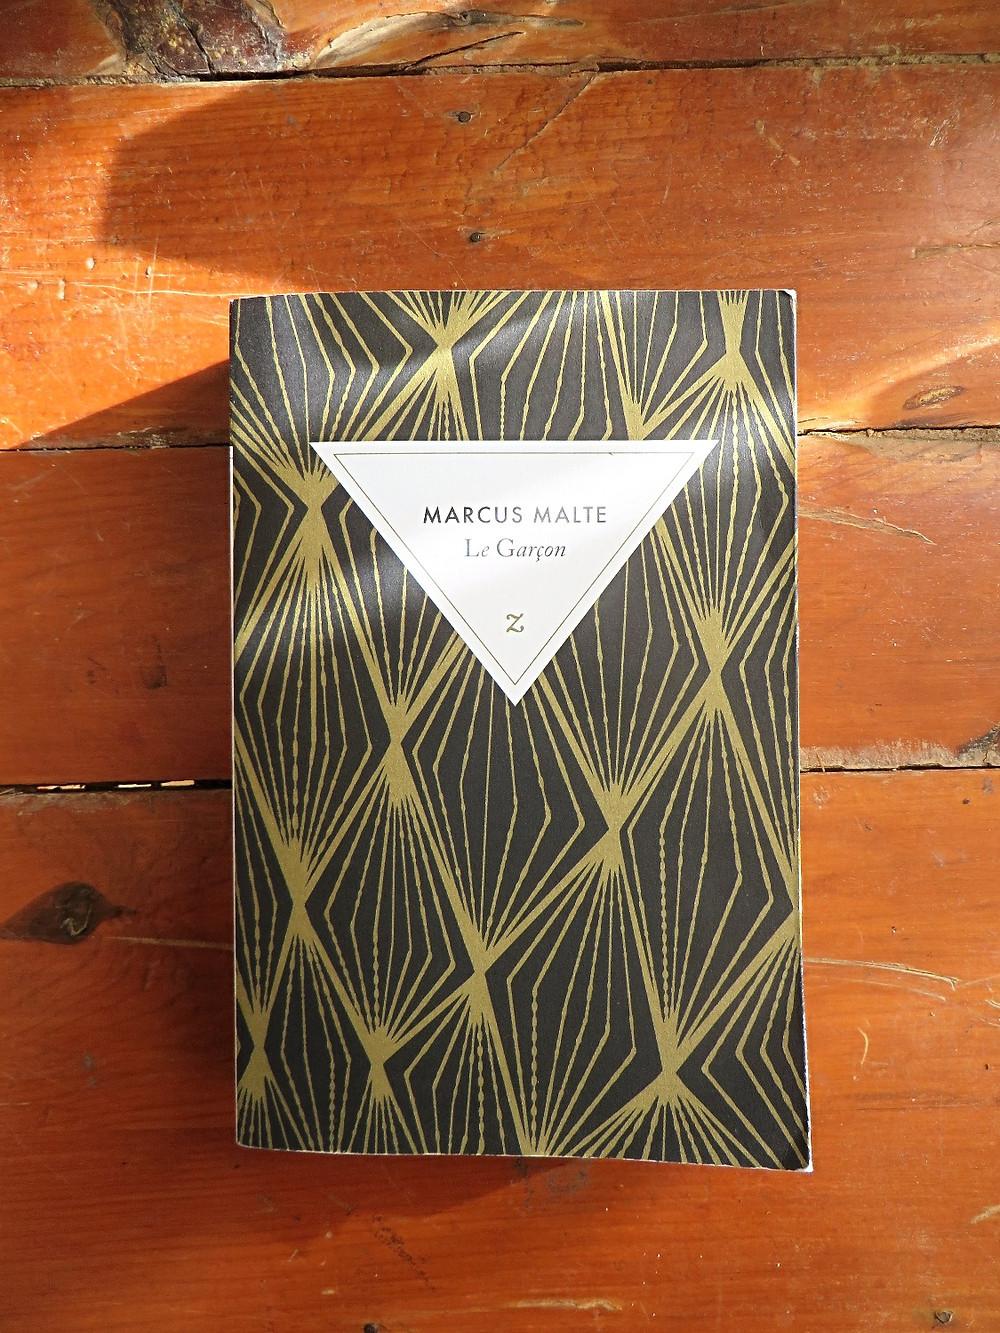 Photo : Le Garçon, Marcus Malte